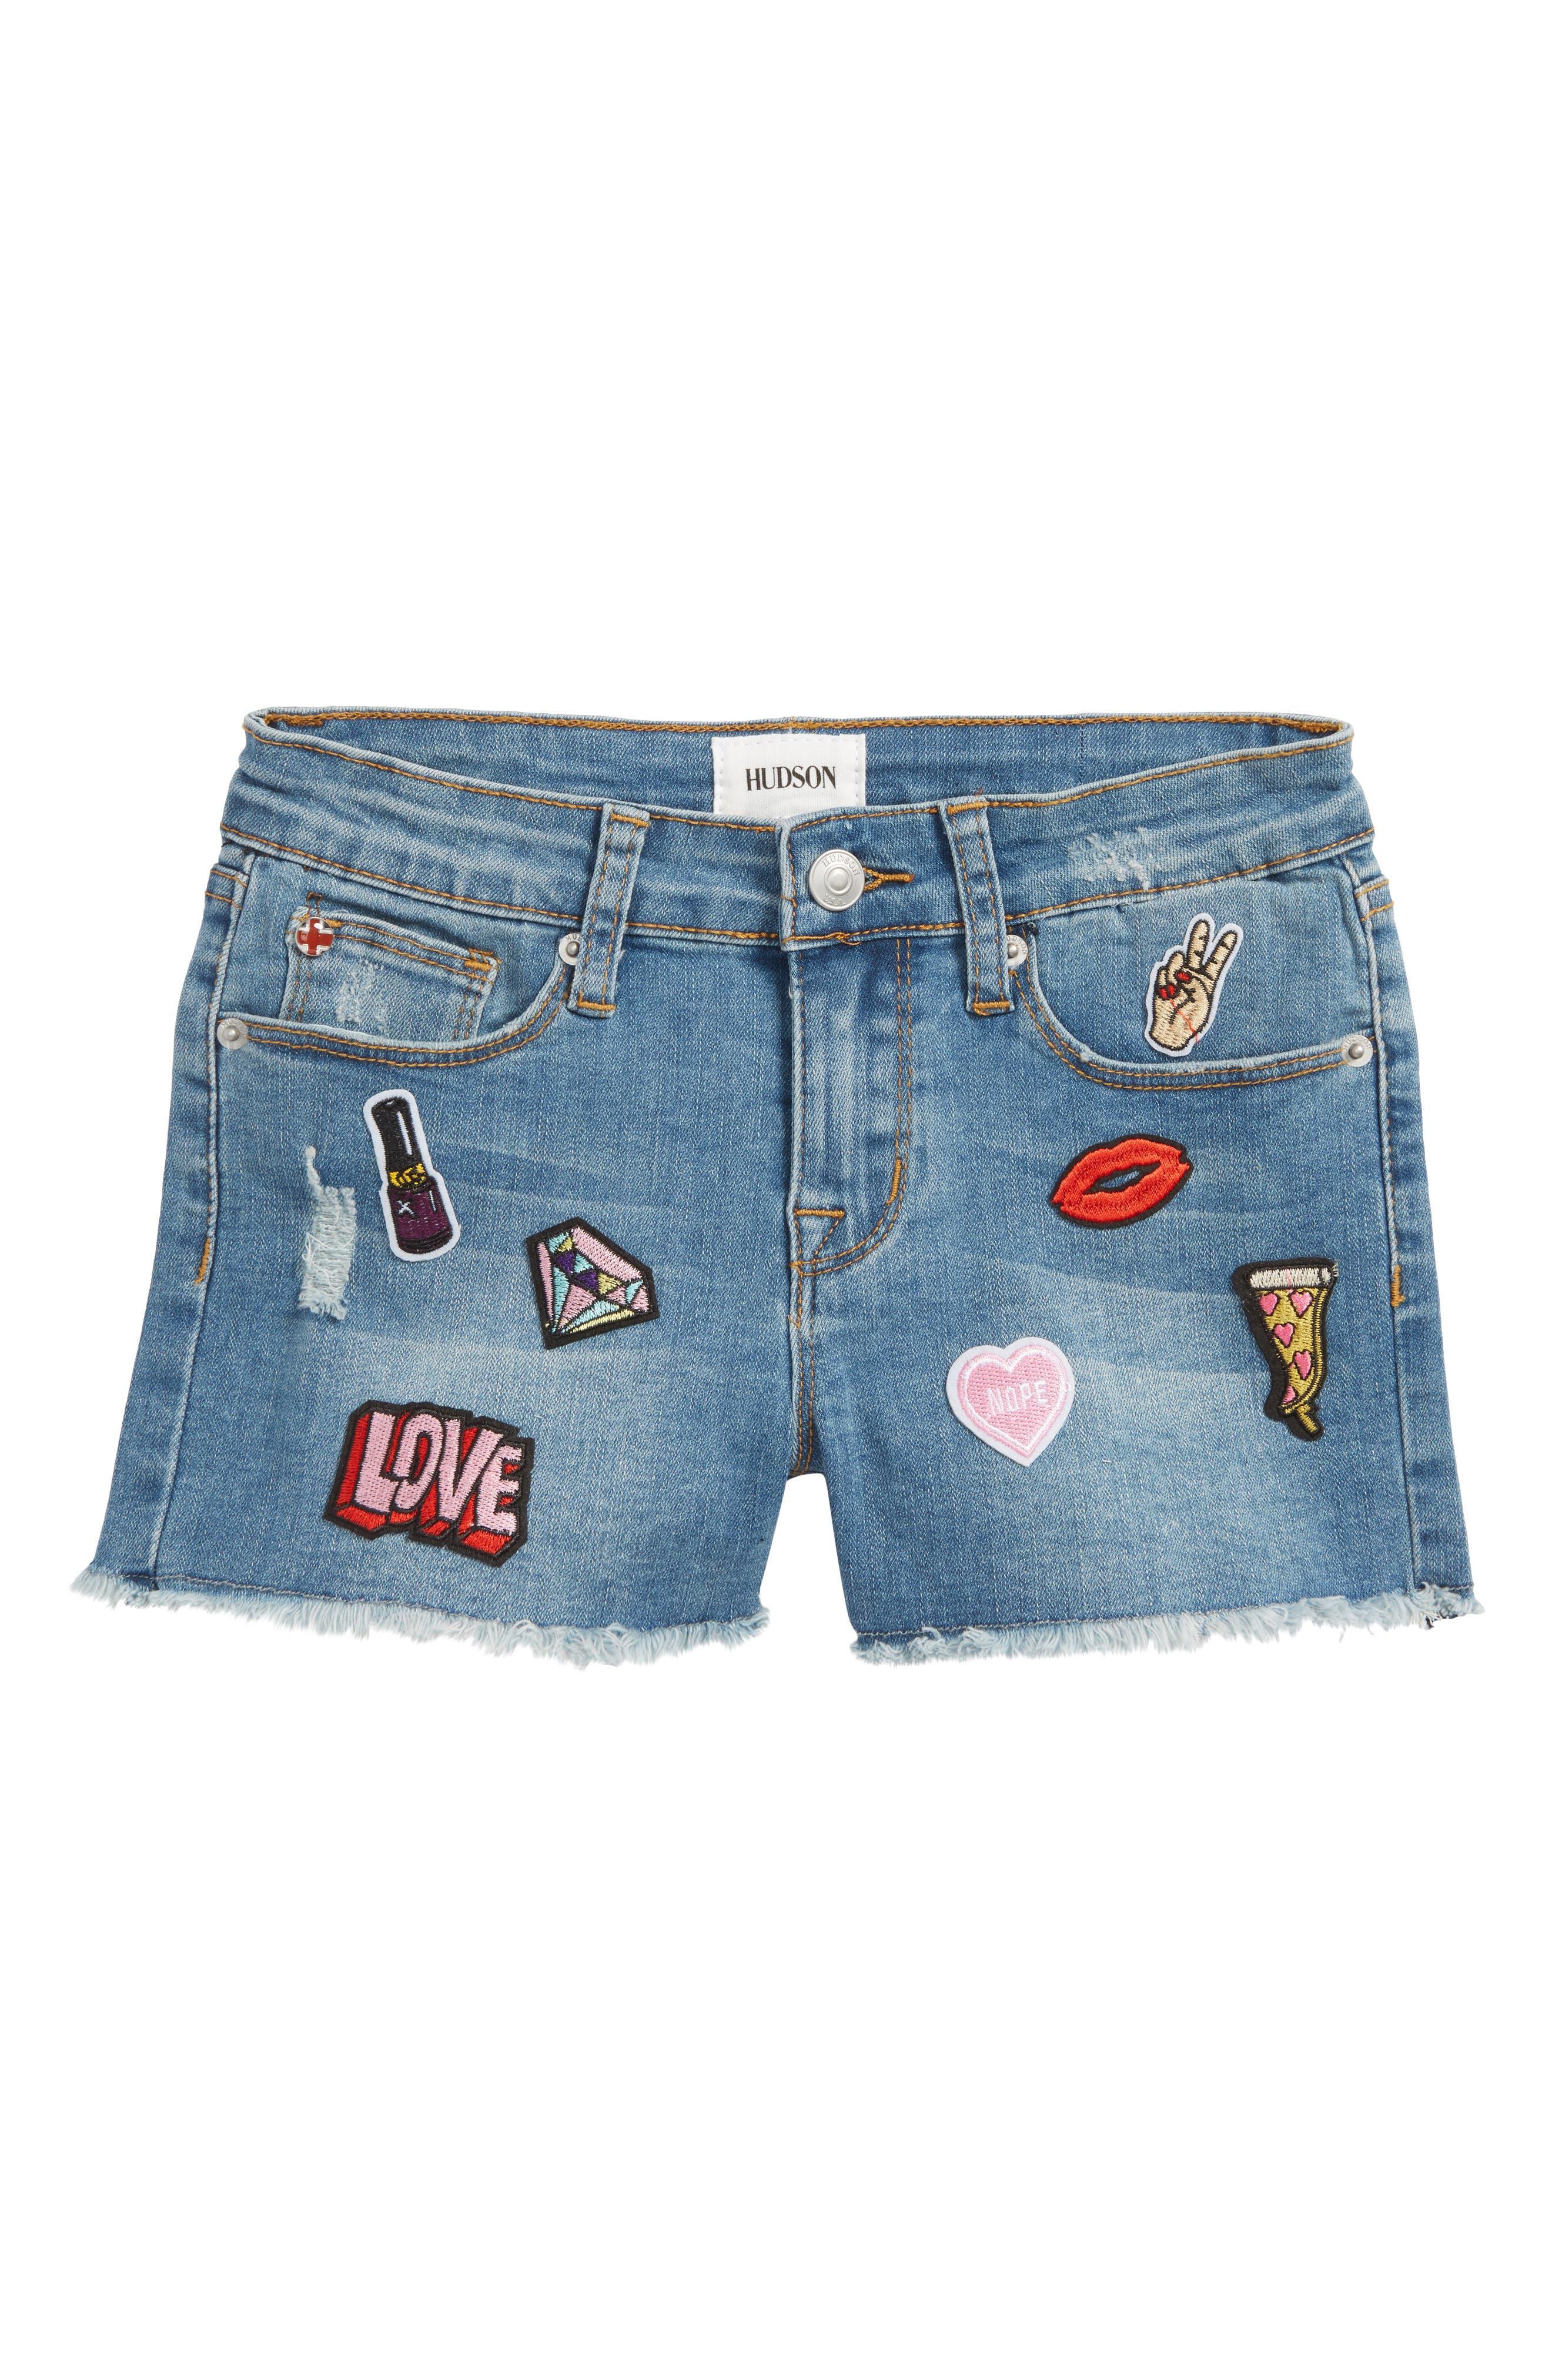 Patchy Cutoff Denim Shorts,                             Main thumbnail 1, color,                             400